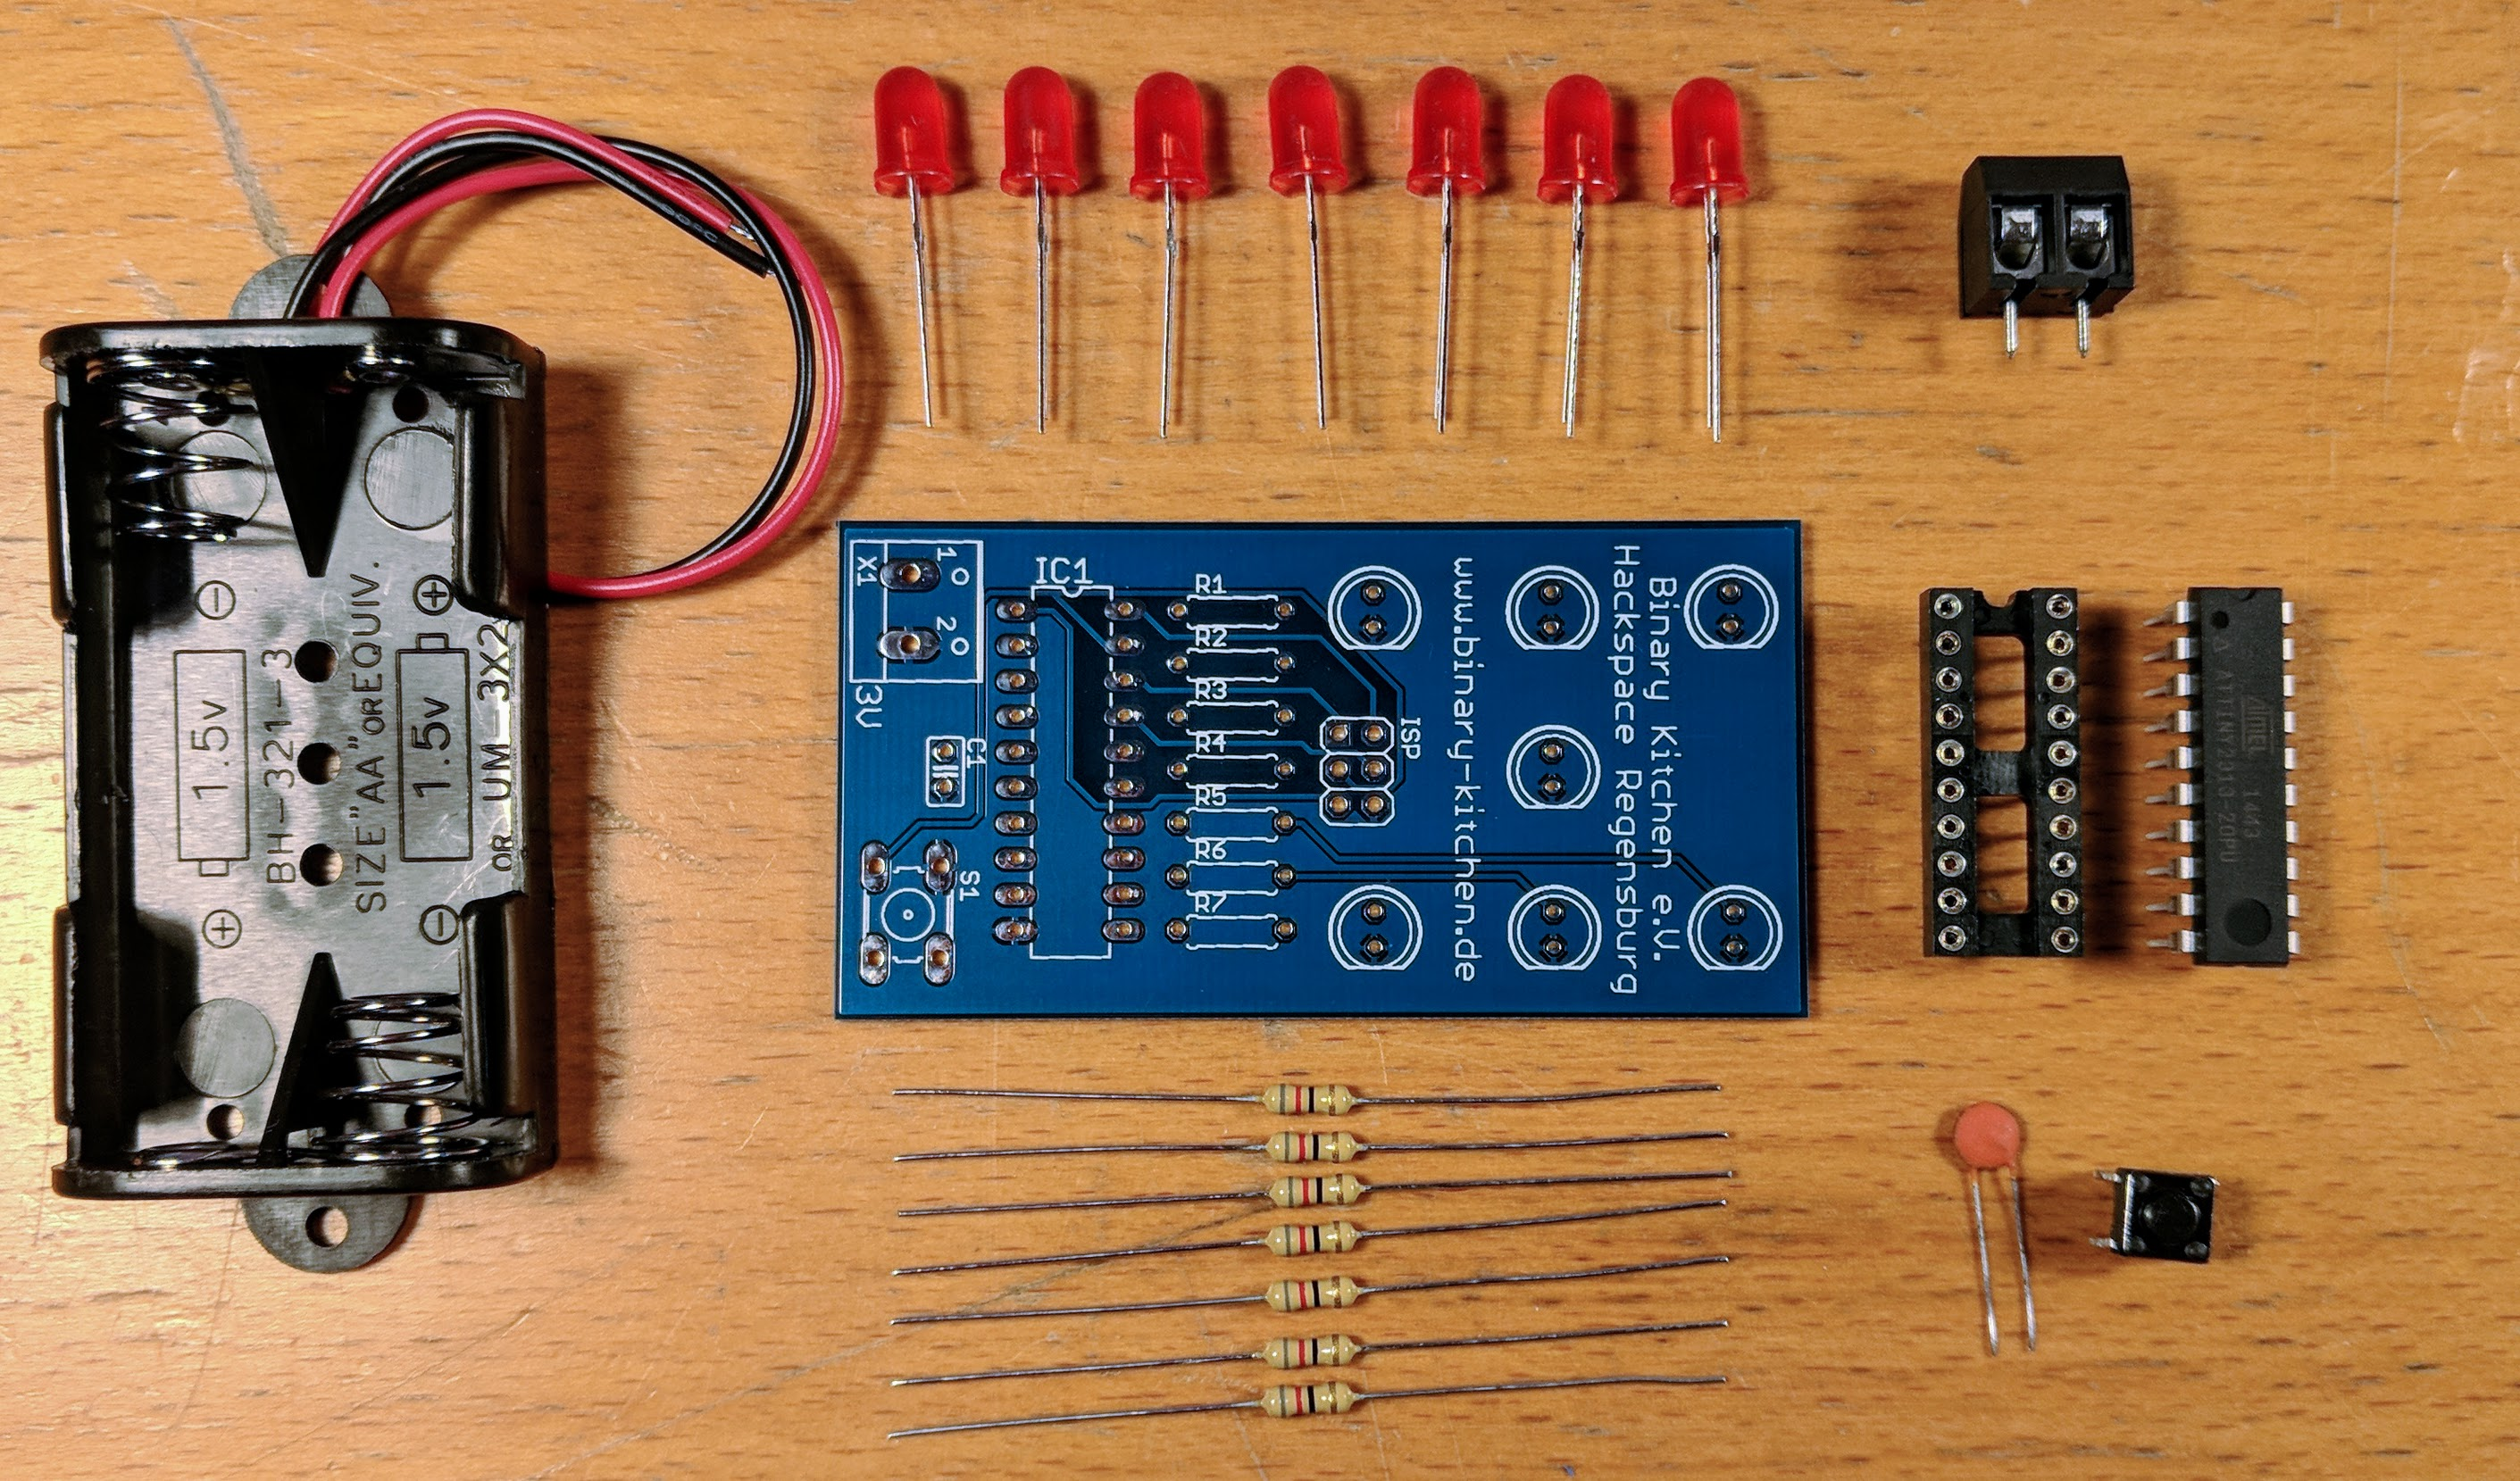 Würfel mit Microcontroller - Ein einfacher Würfelbausatz ideal für Anfänger